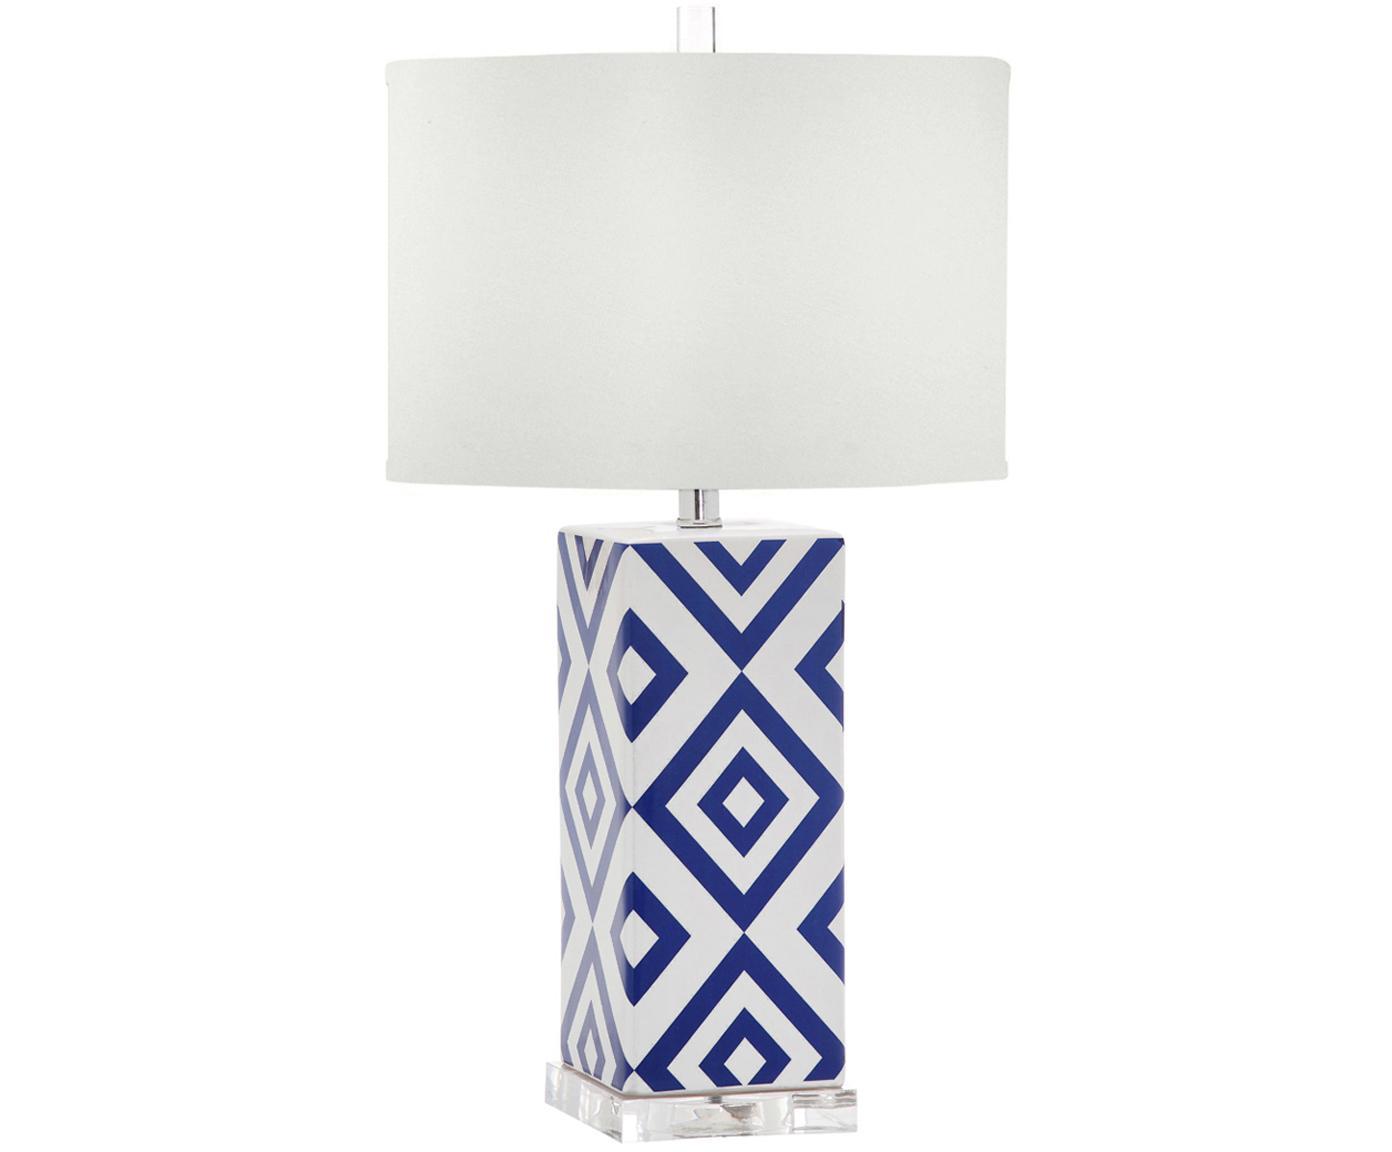 Lampada da tavolo Patricia 2 pz, Ceramica, acrilico, Blu, bianco, Ø 38 x Alt. 69 cm